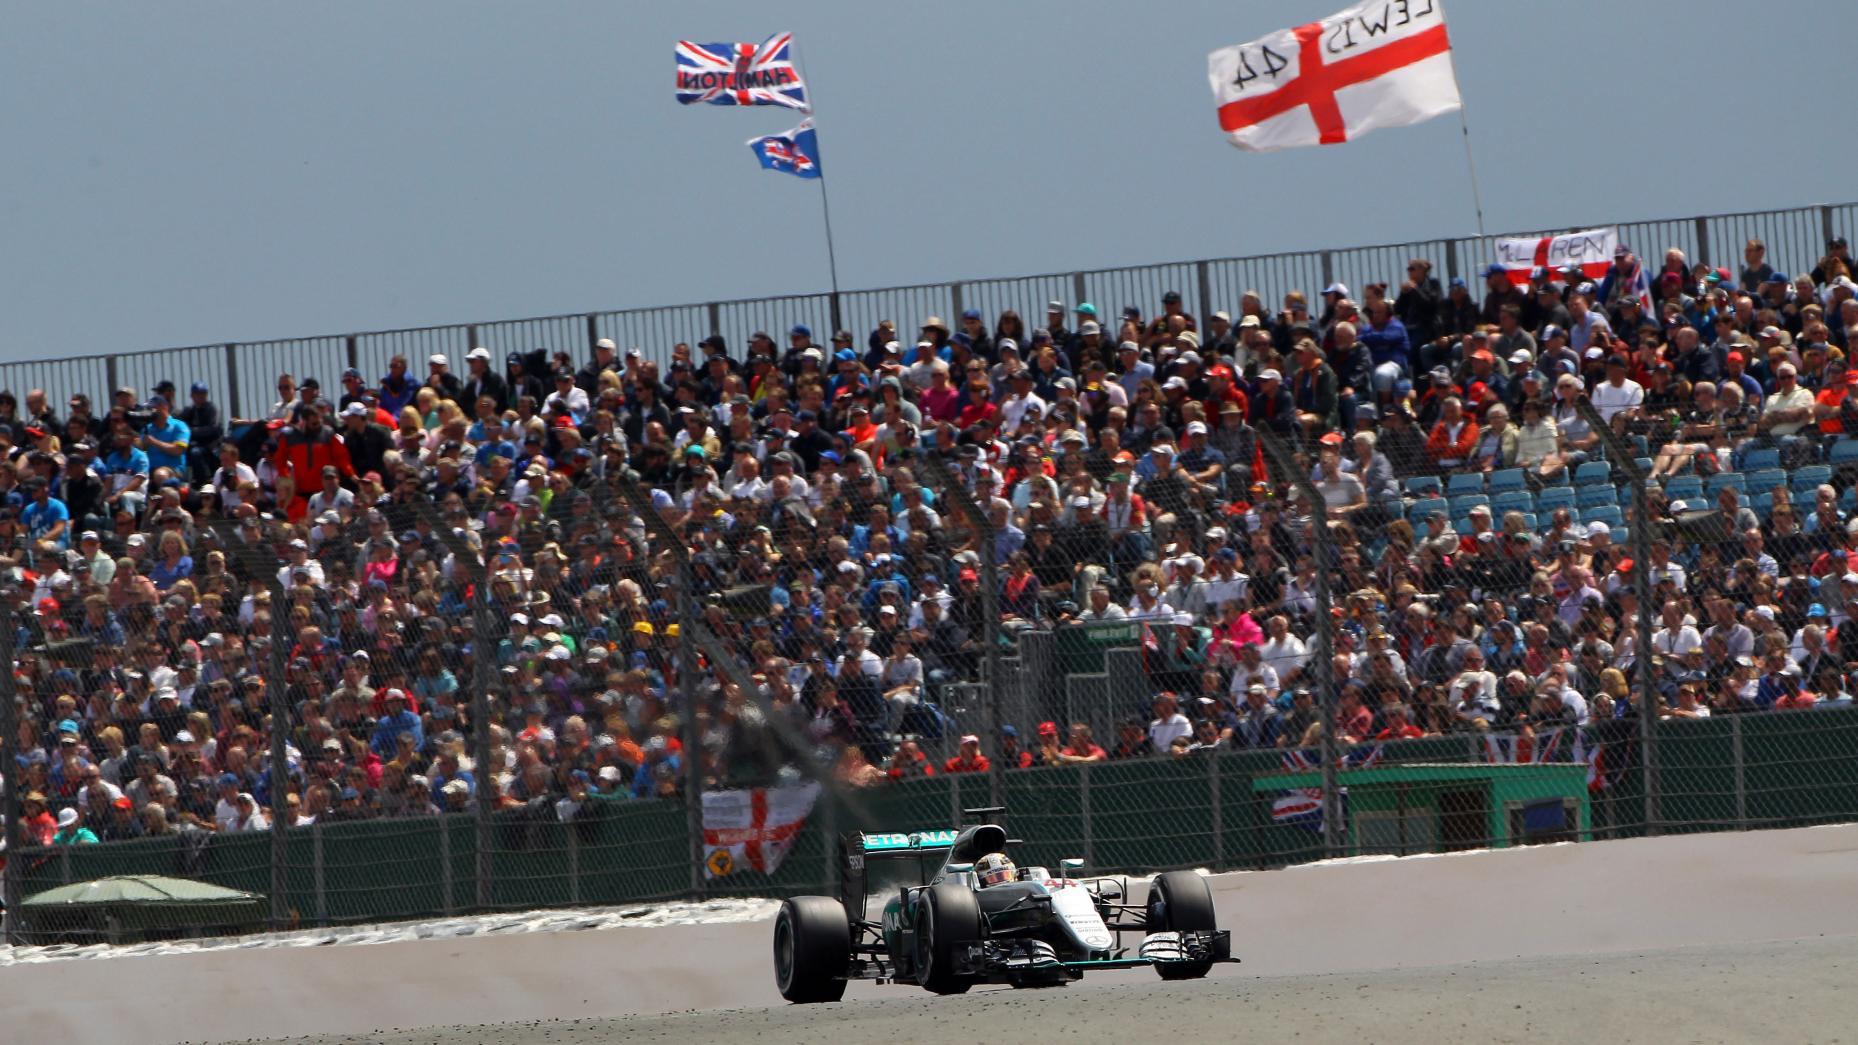 Silverstone GP image